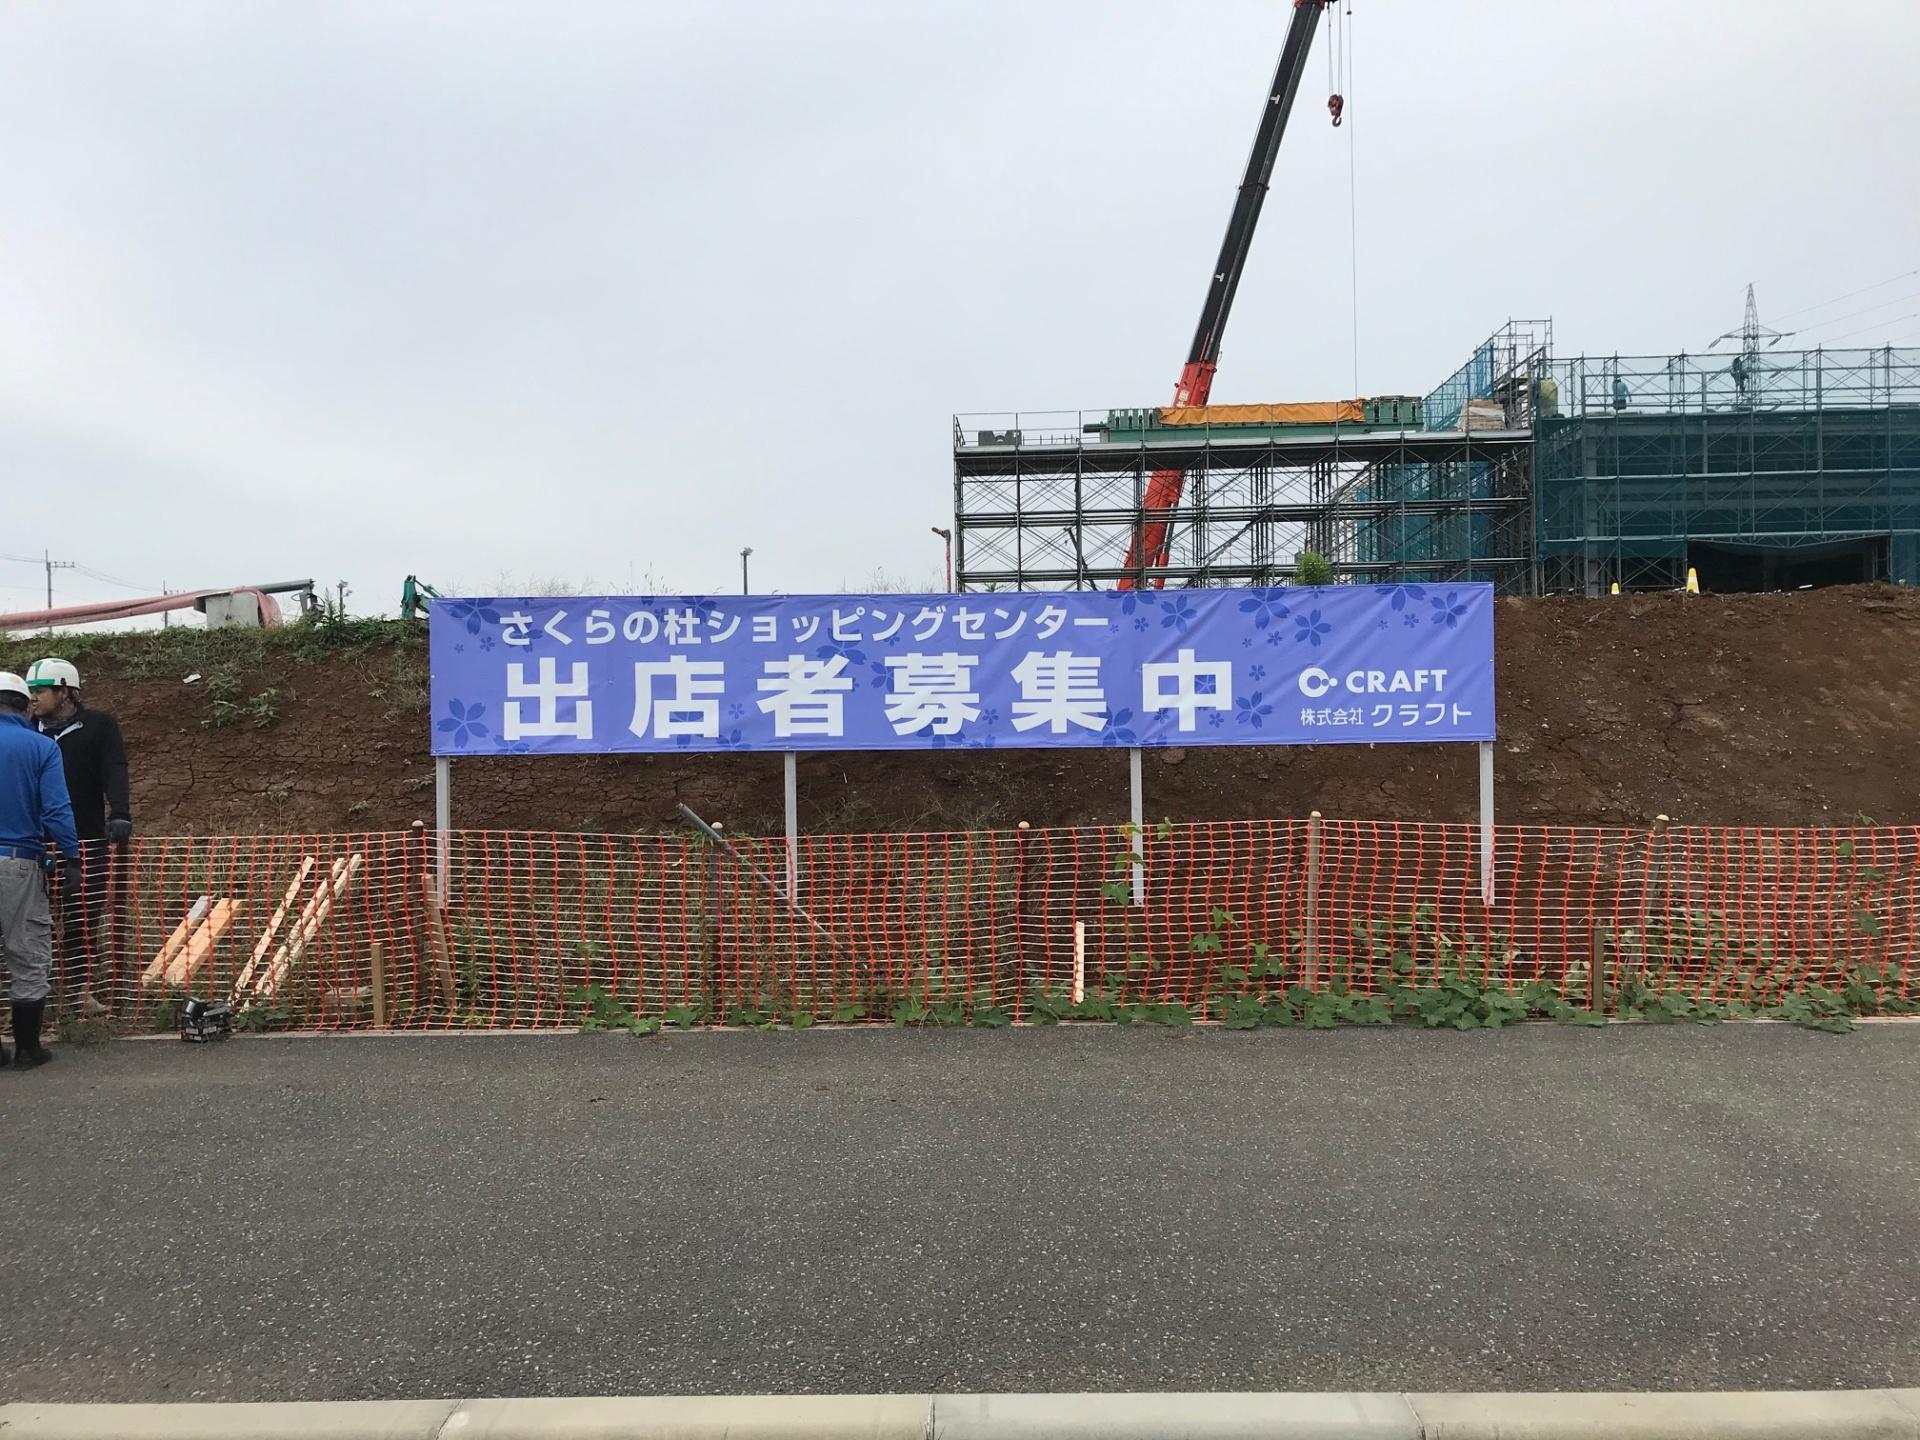 茨城県つくば市 大型ショッピングセンター出店者募集の看板制作